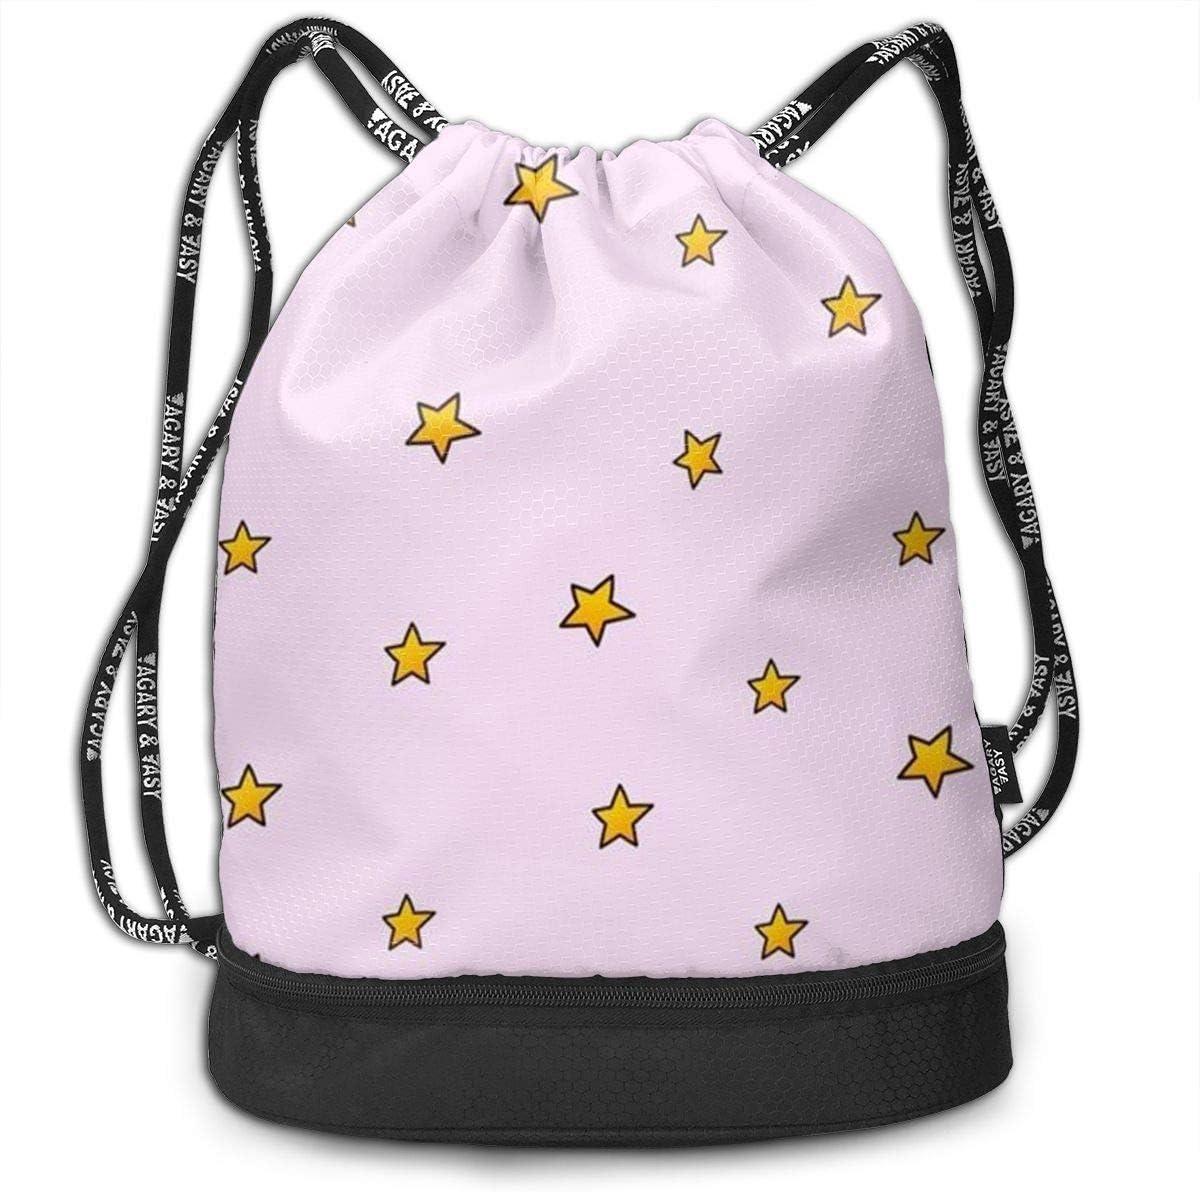 HUOPR5Q Stars Drawstring Backpack Sport Gym Sack Shoulder Bulk Bag Dance Bag for School Travel